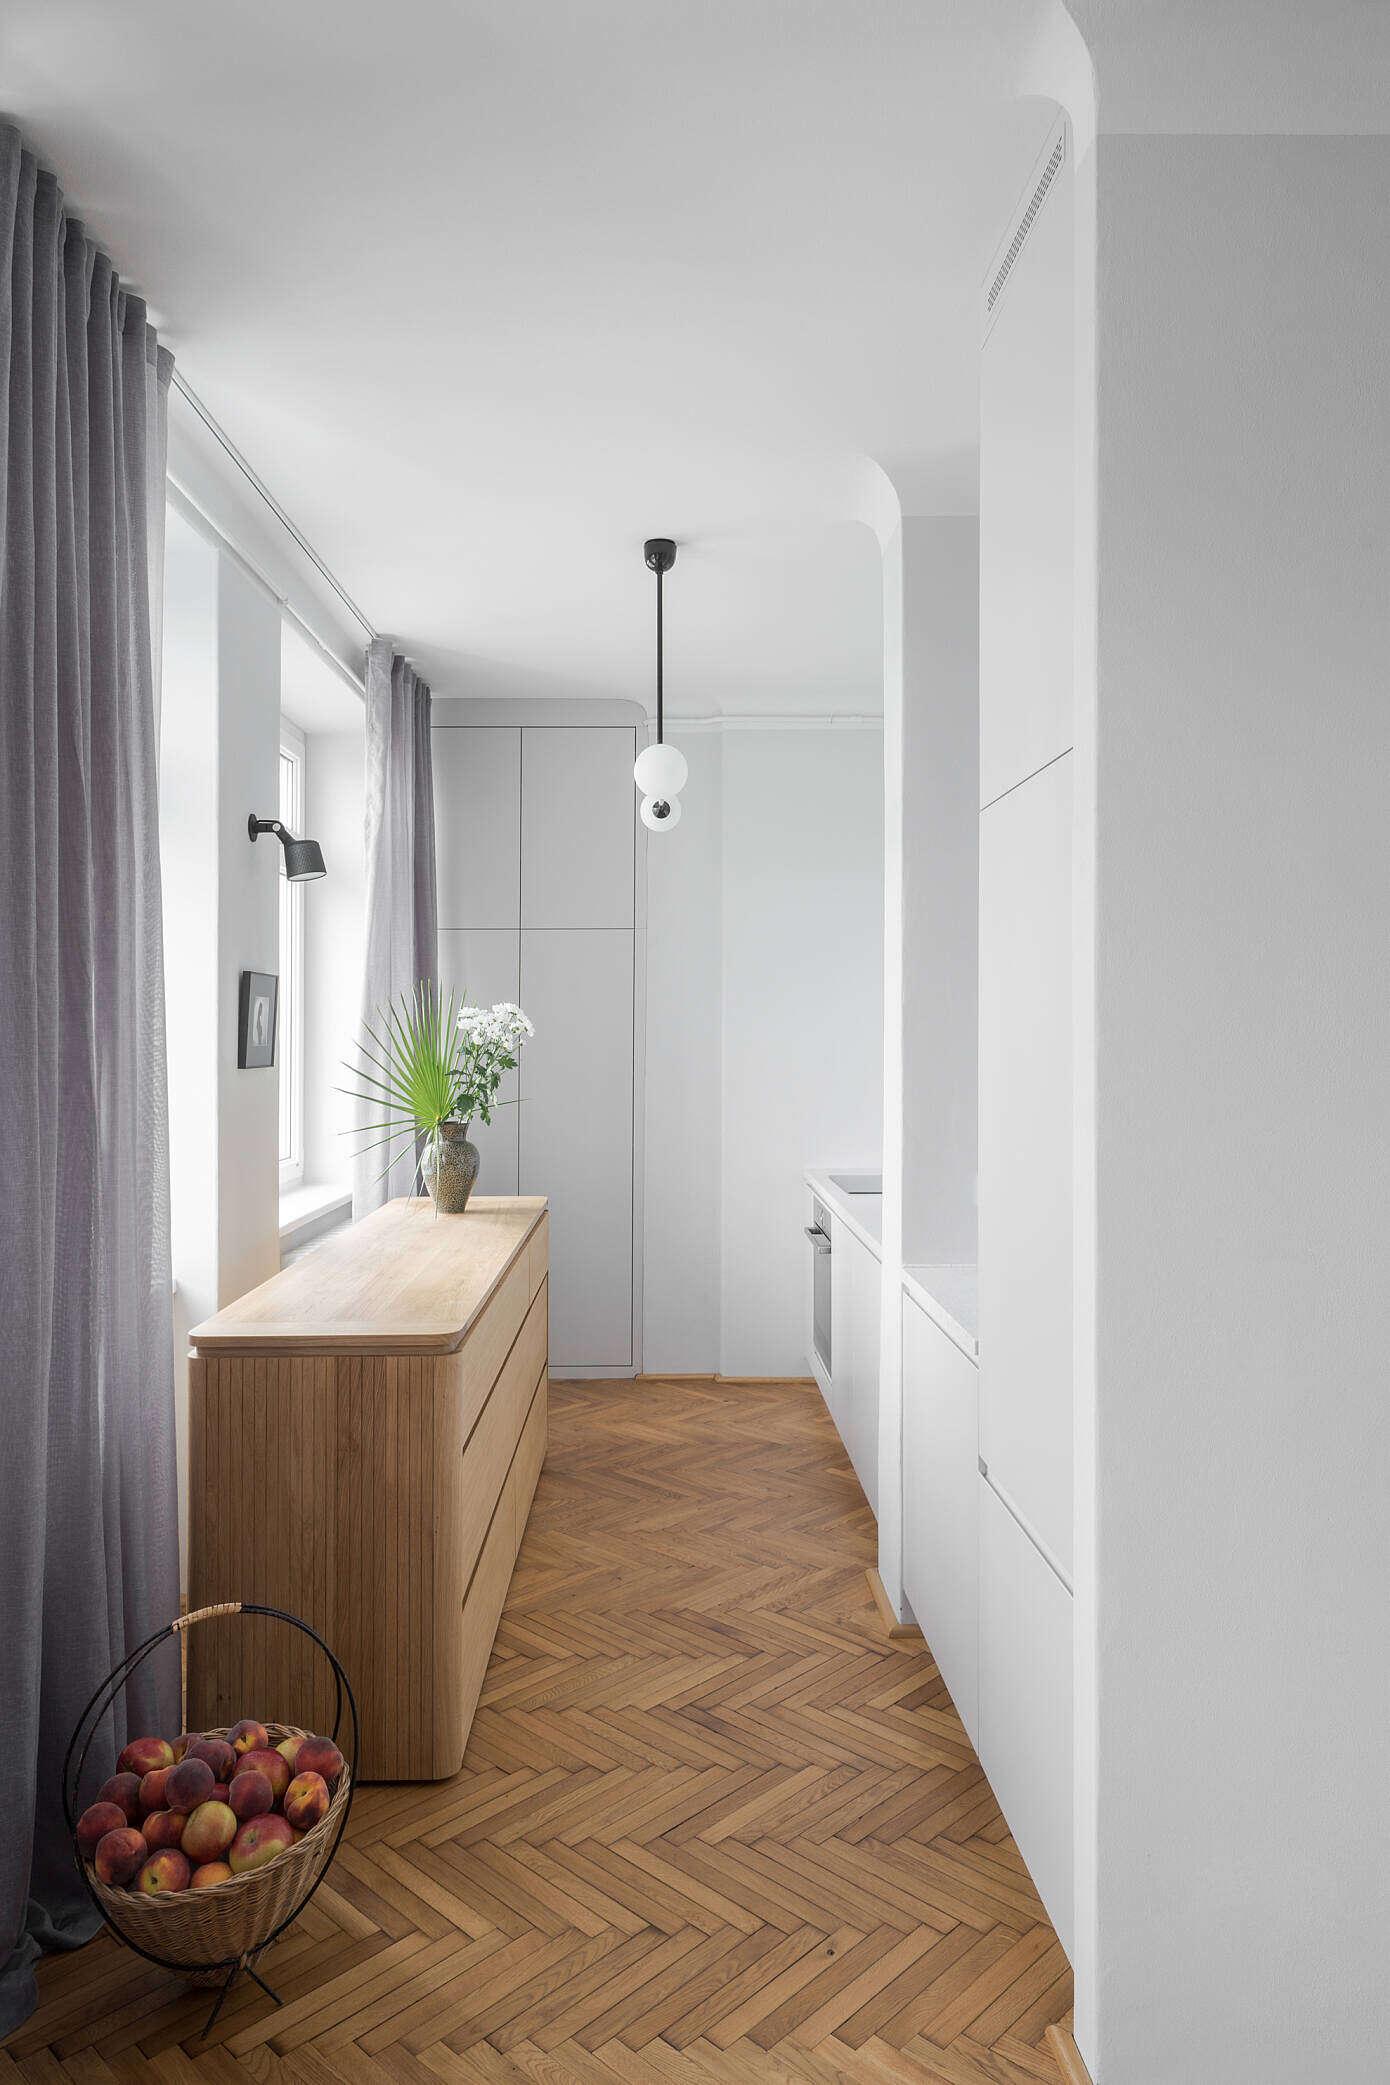 Apartment in Warsaw by Loft Kolasiński